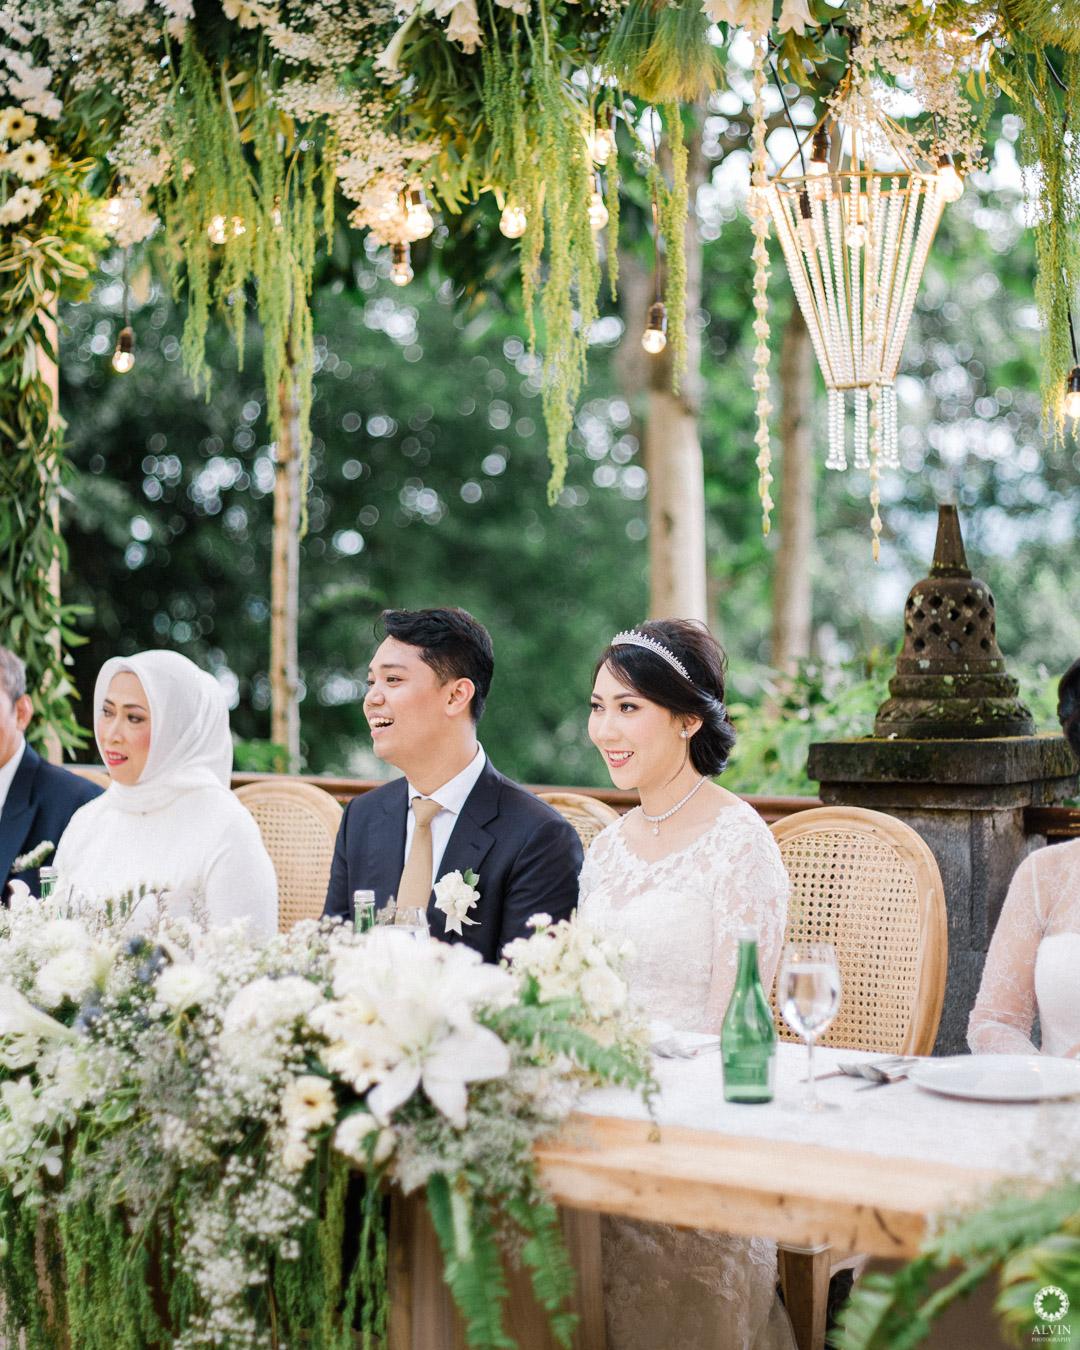 DSCF1179 : Dinda & Gonzaga Wedding